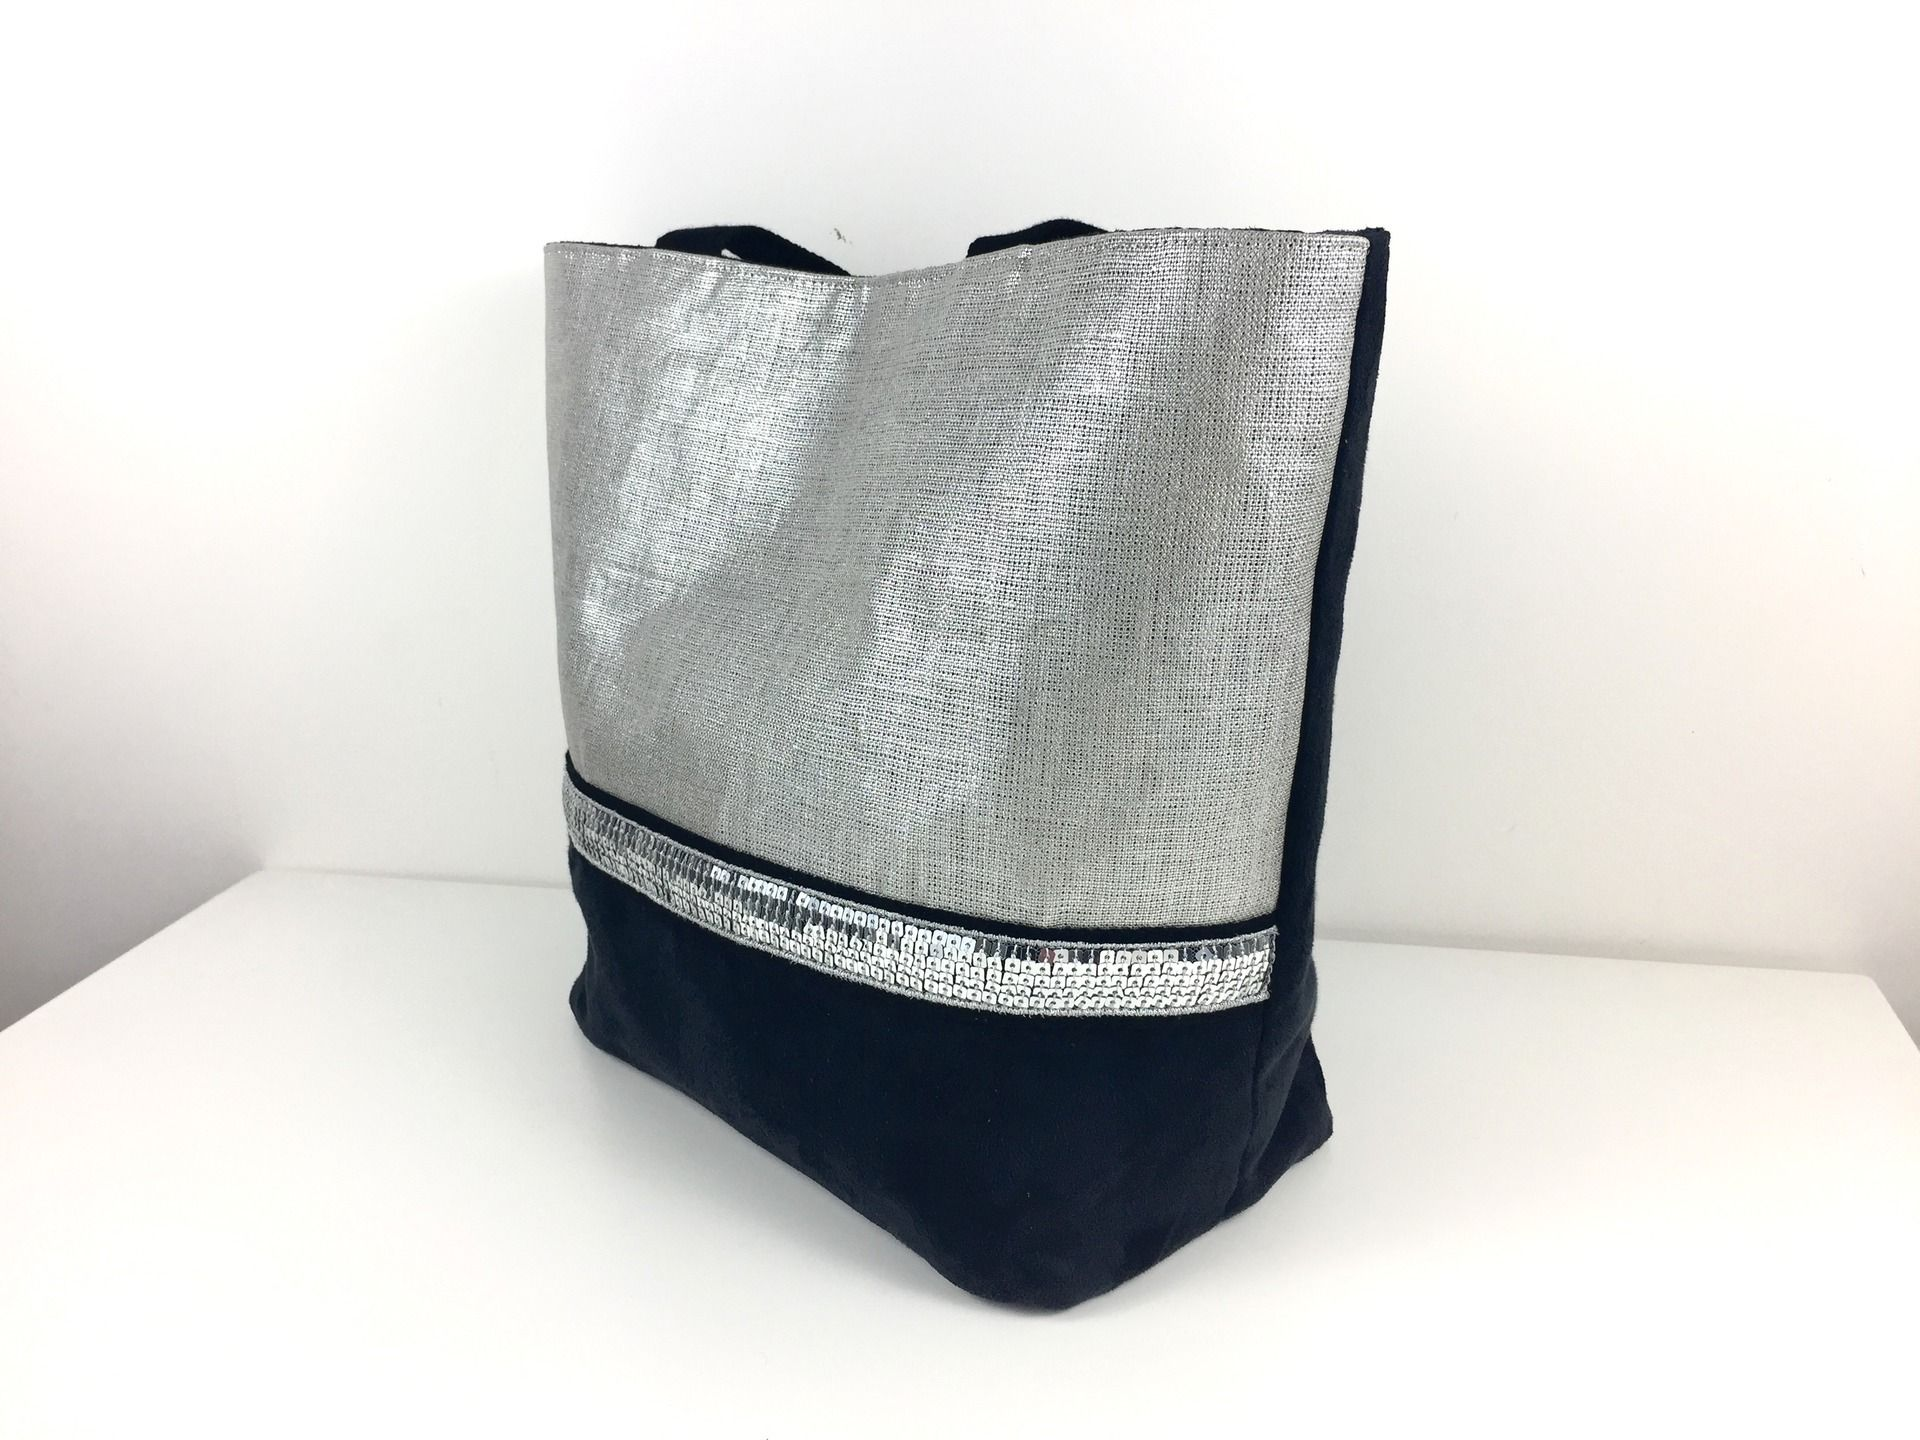 fc4dffb411 Sac cabas en lin argenté et en suédine noire , paillettes argent : Sacs à  main par fil-des-toiles